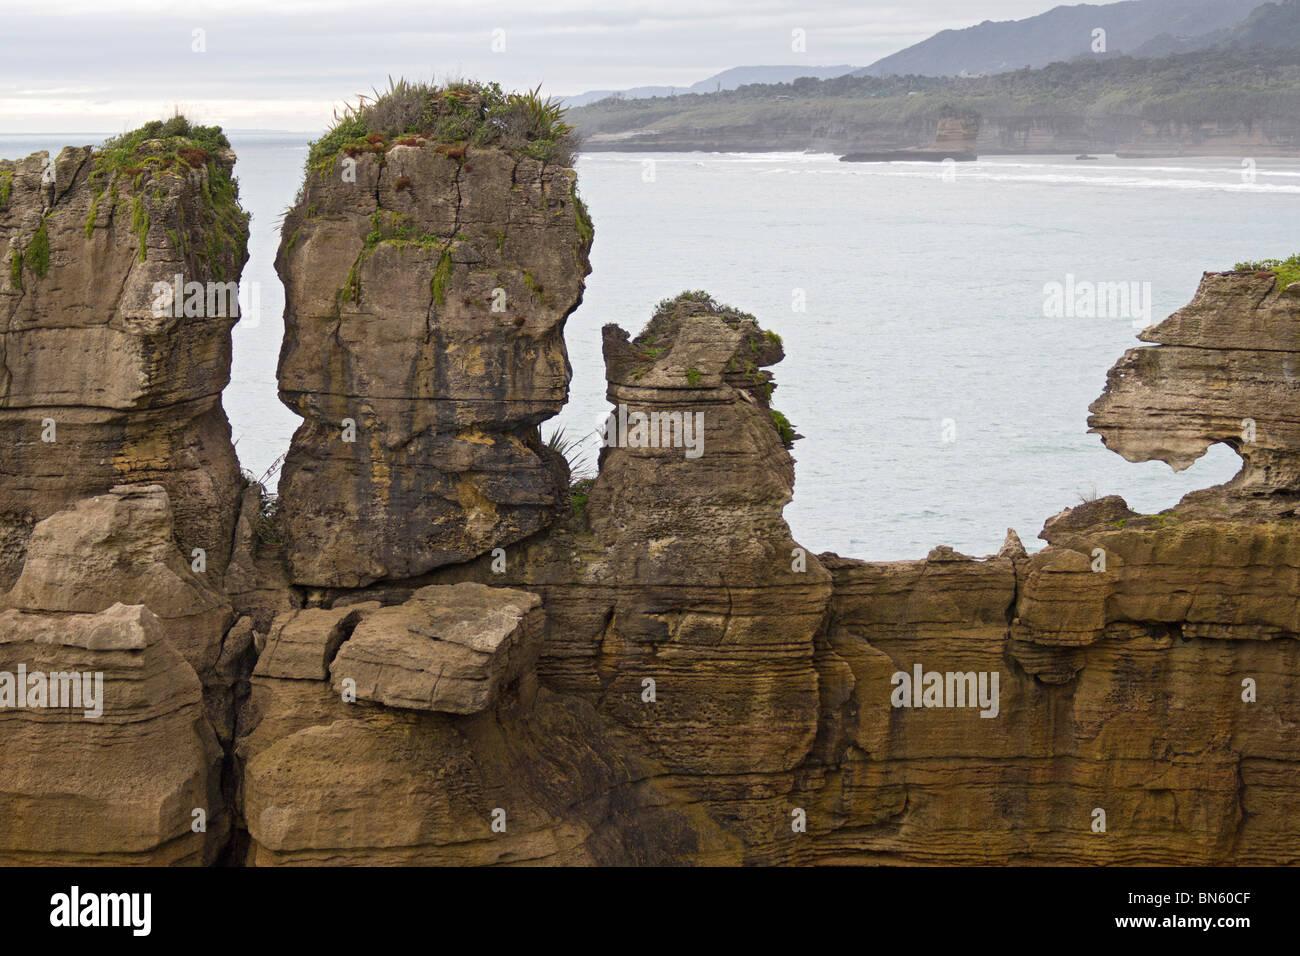 Pancake Rocks at Punikaiki, South Island, New Zealand - Stock Image